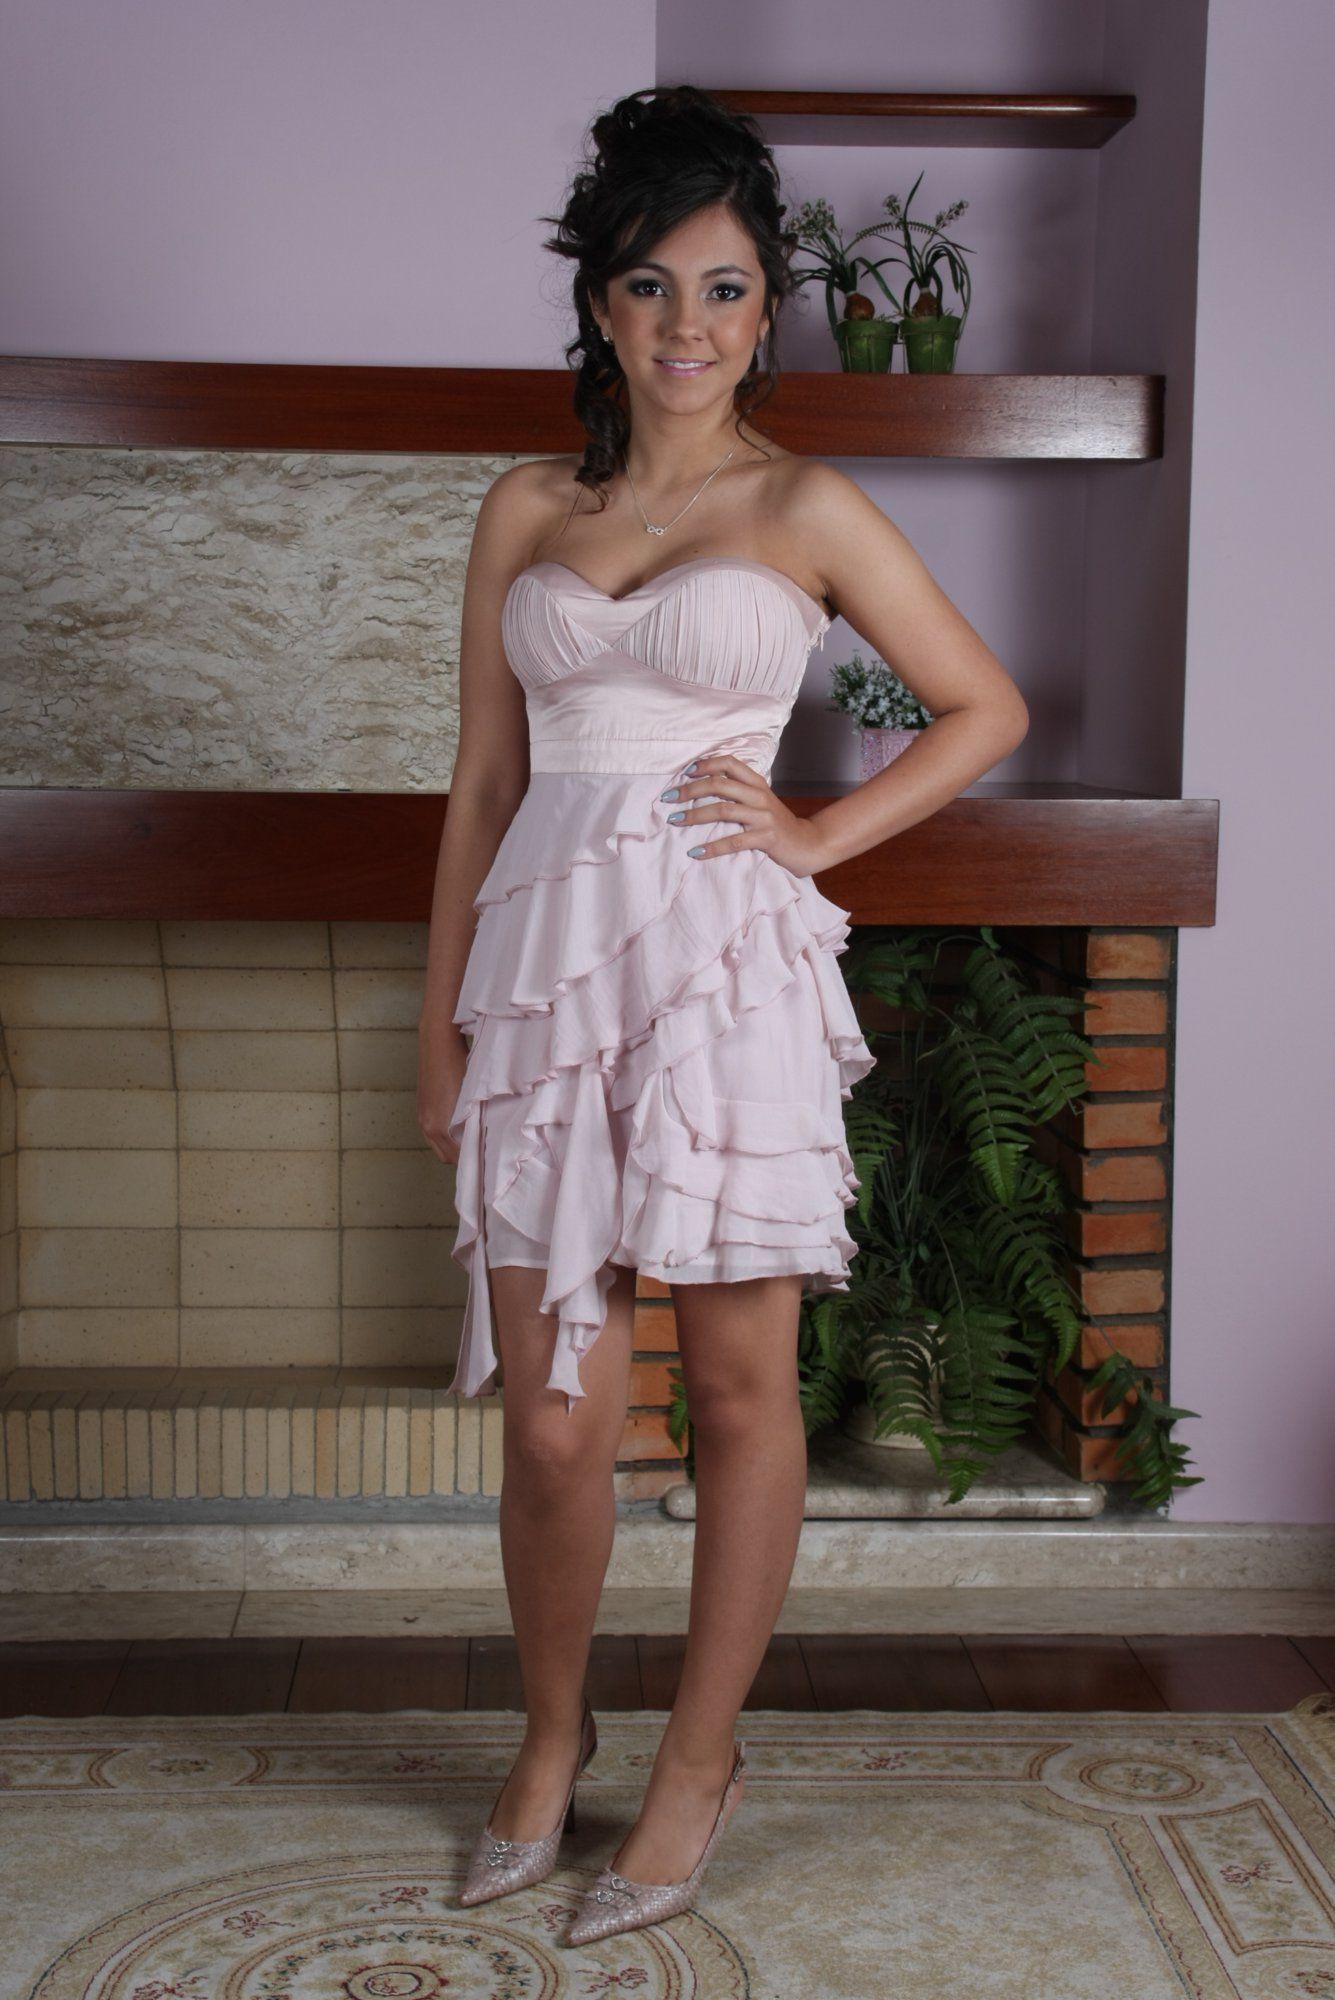 Vestido de Debutante Rosa - 4 - Hipnose Alta Costura e Spa para Noivas e Noivos - Campinas - SP Vestido de Debutante, Vestido de Debutante Rosa, Hipnose Alta Costura